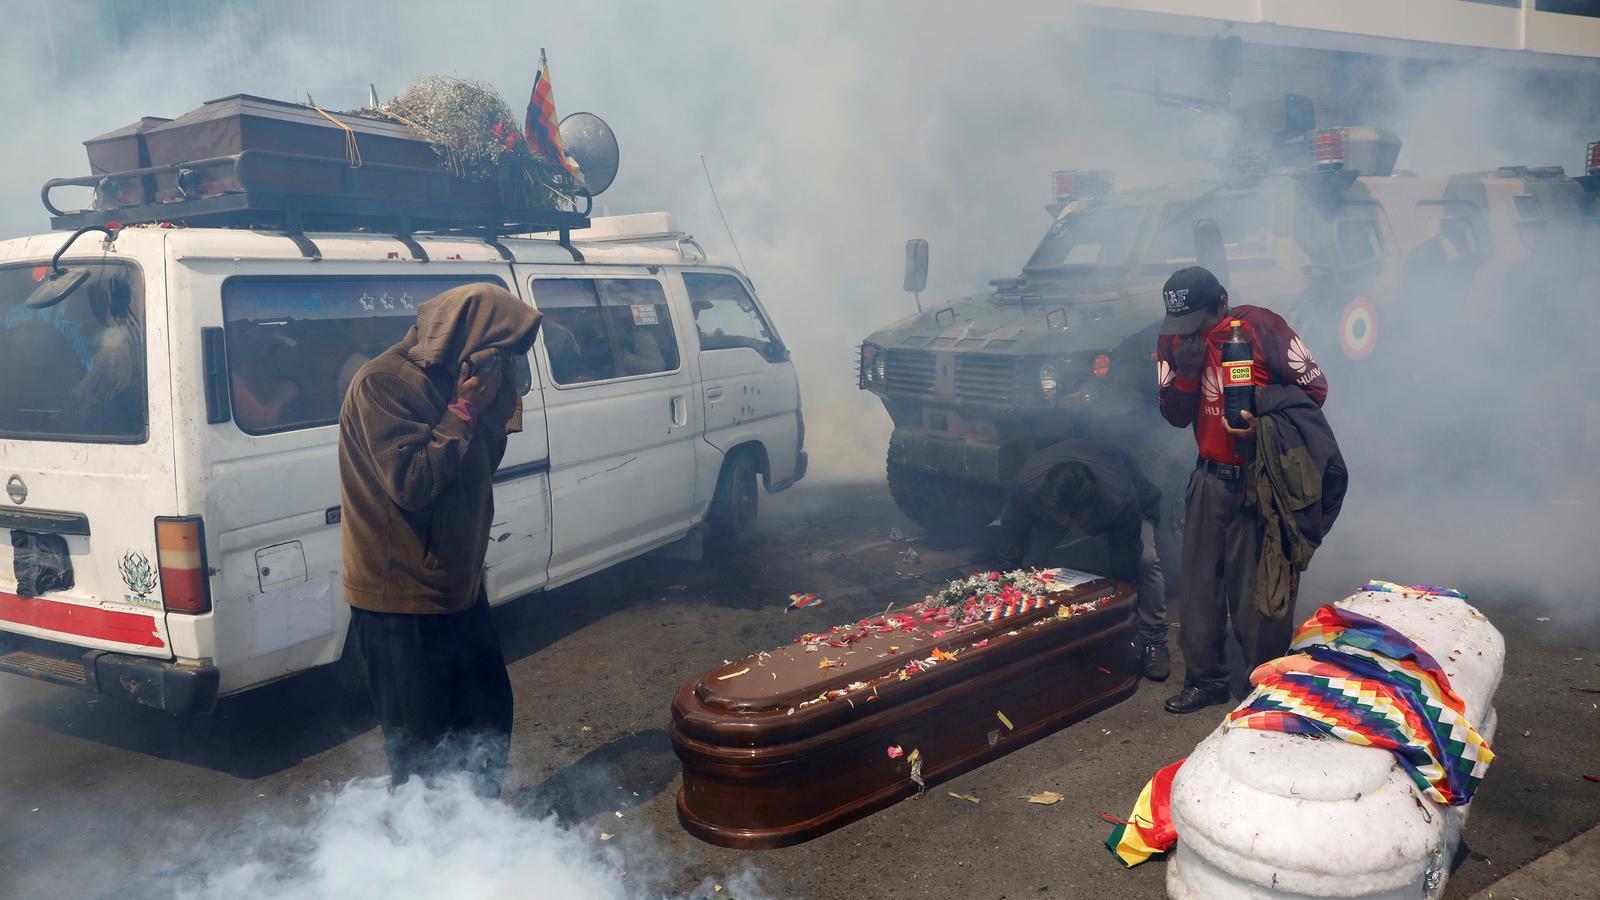 La policia va carregar amb gas lacrimogen contra la marxa amb taüts pels carrers de La Paz